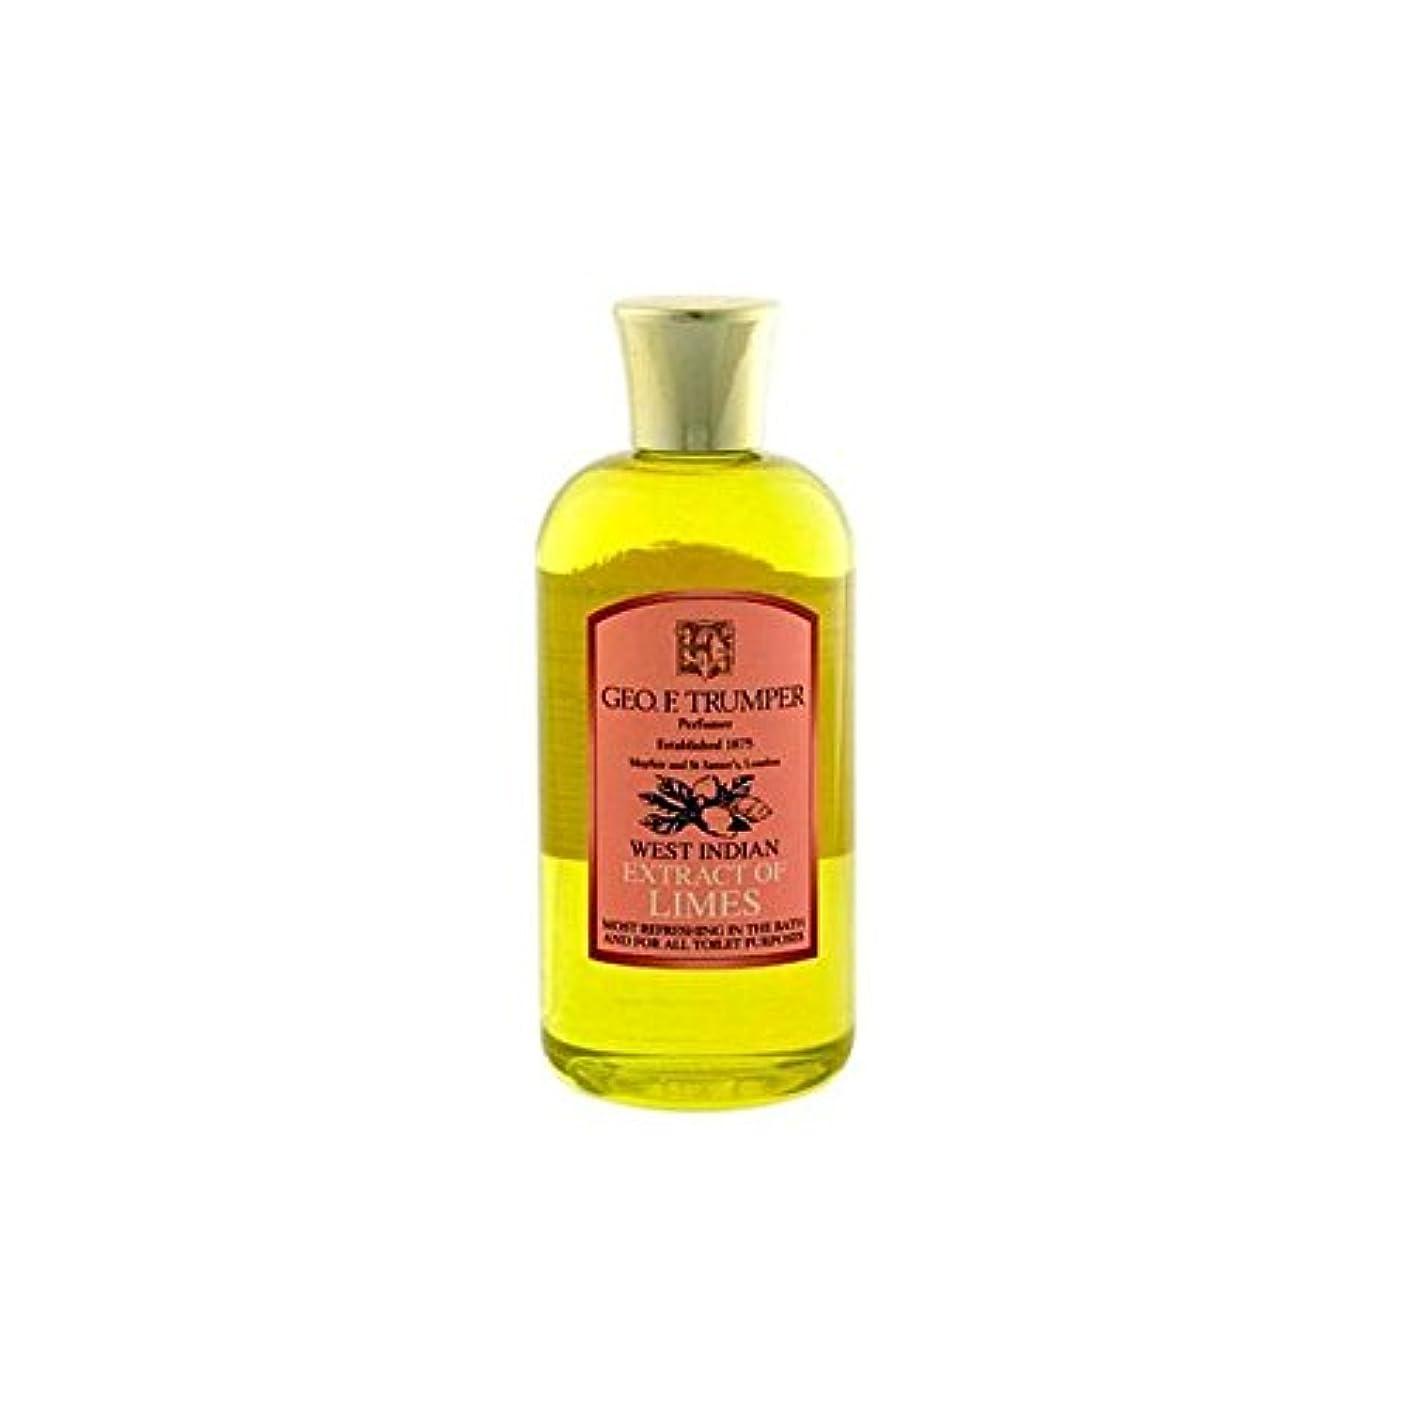 移民大佐パケットライムのバスタブとシャワージェル200の抽出物を x2 - Trumpers Extracts of Limes Bath and Shower Gel 200ml (Pack of 2) [並行輸入品]